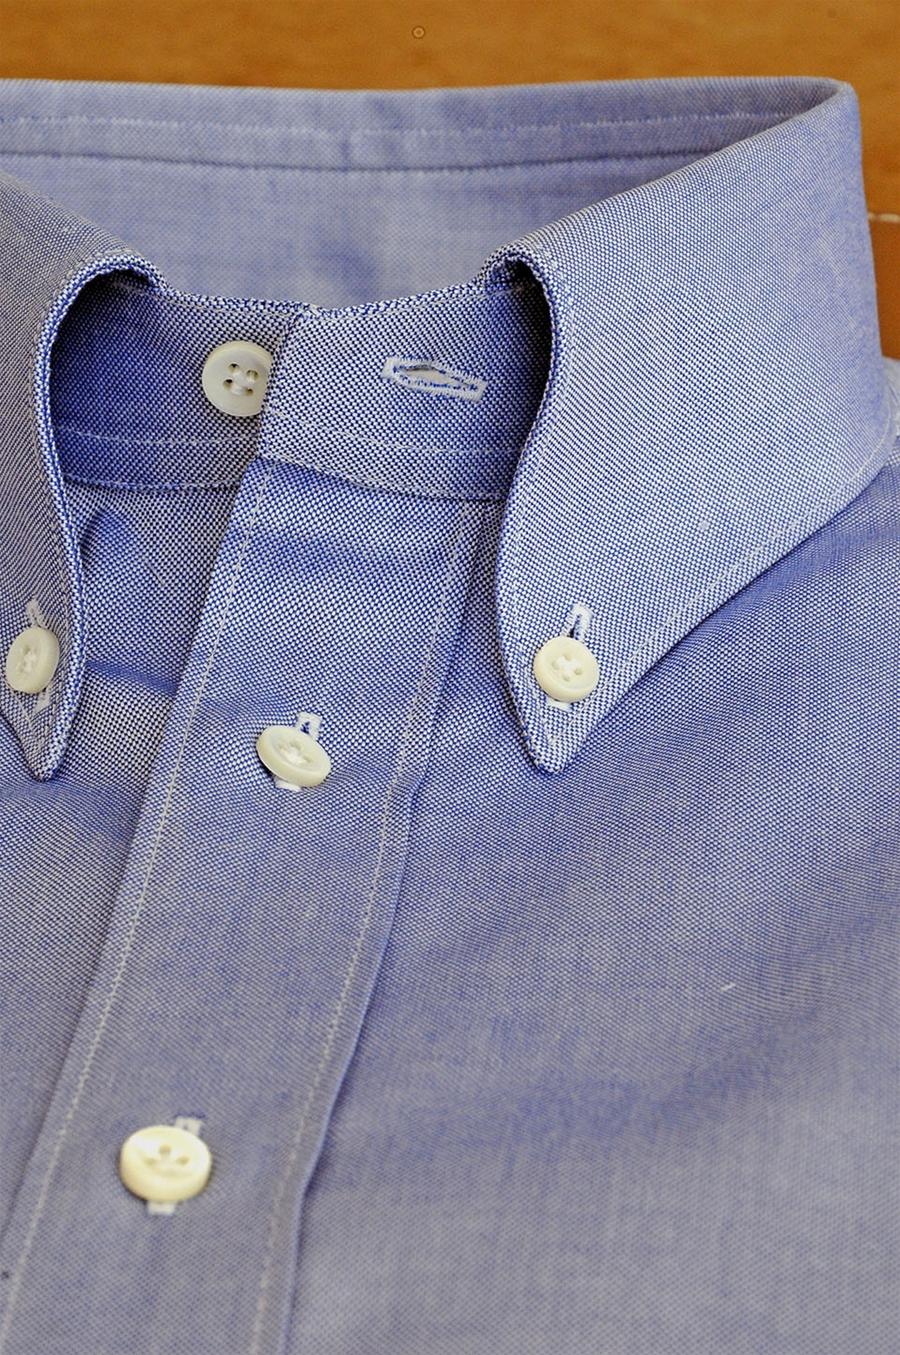 info for 441f5 45bd9 Camicia Azzurro Motivo Unito Tessuto Cotone Per Uomo su Misura